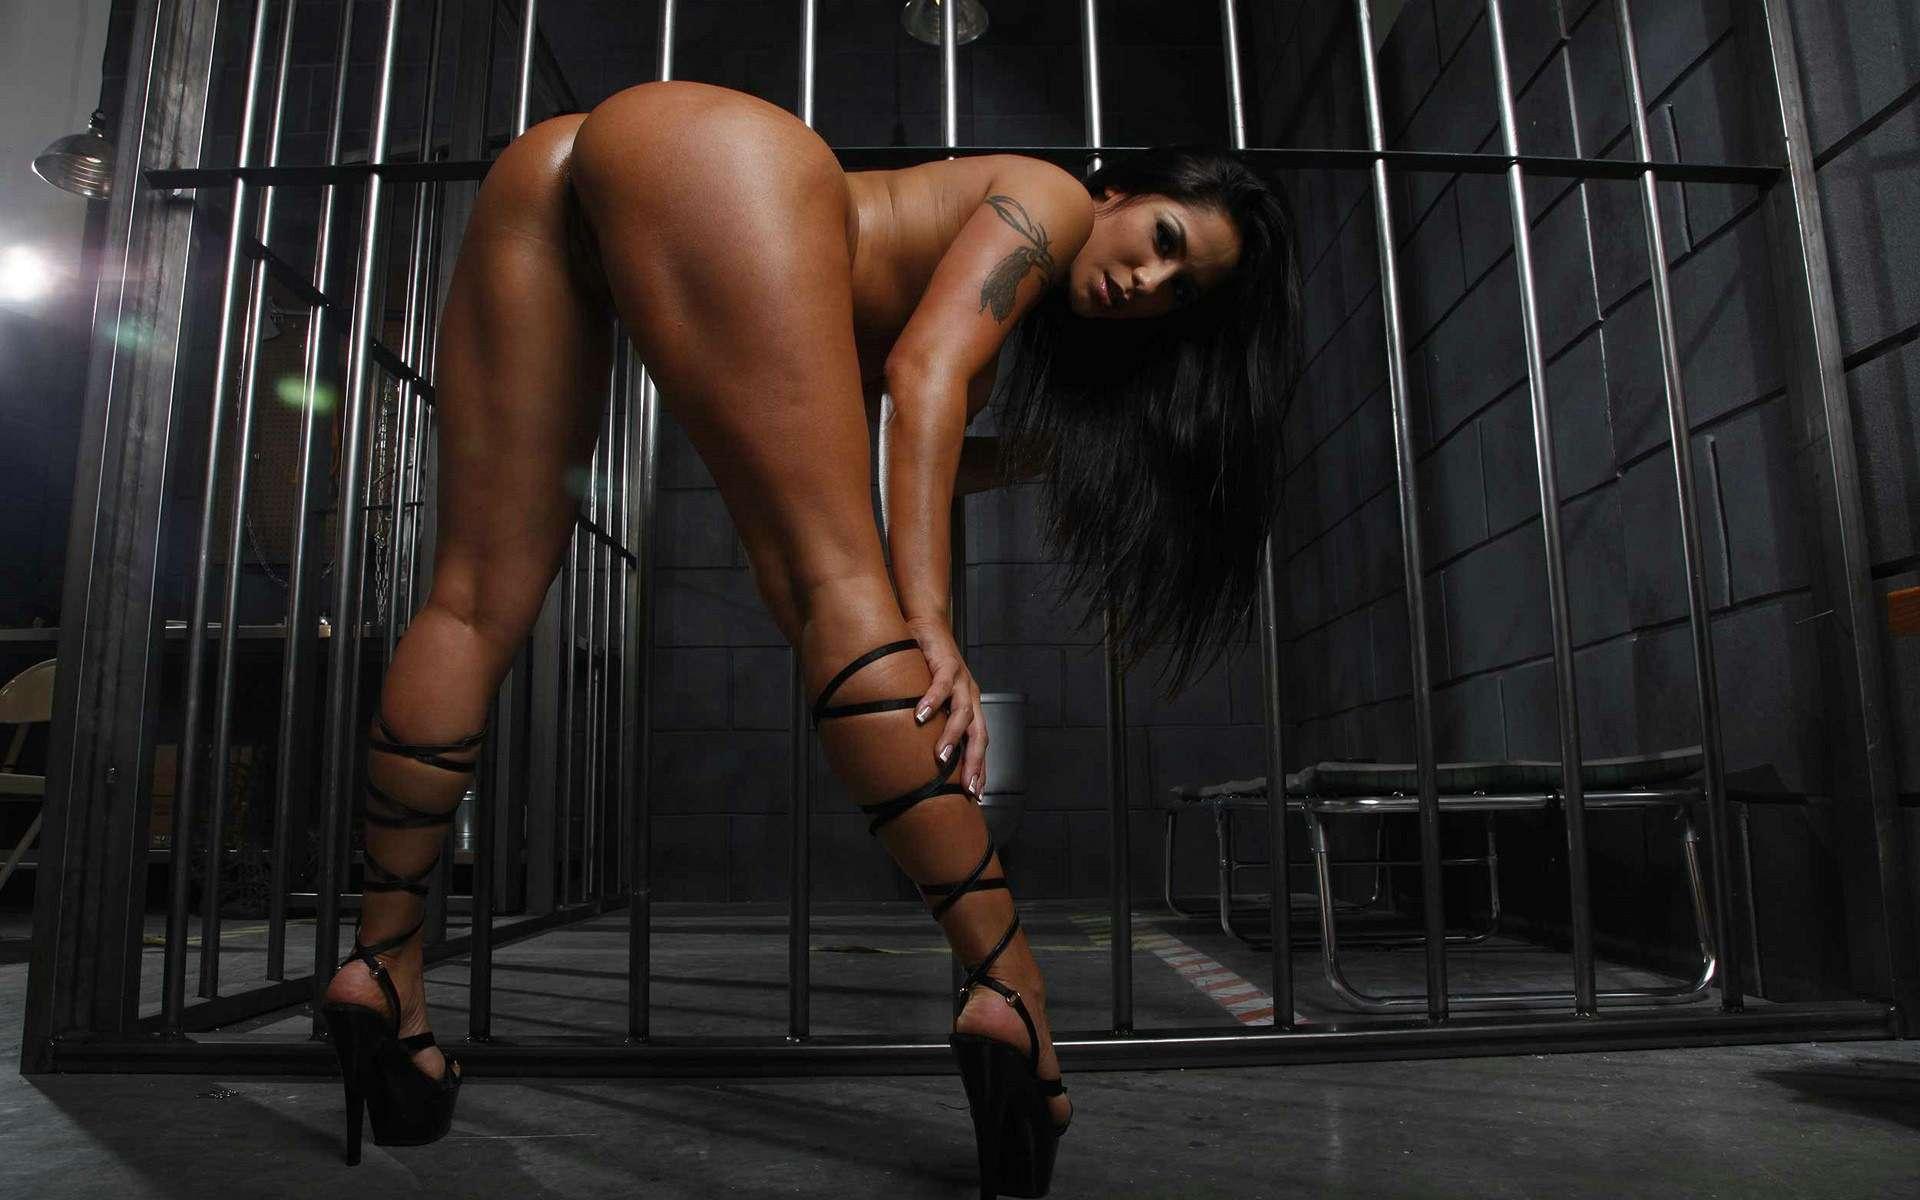 Эро фото в тюрьме 18 фотография